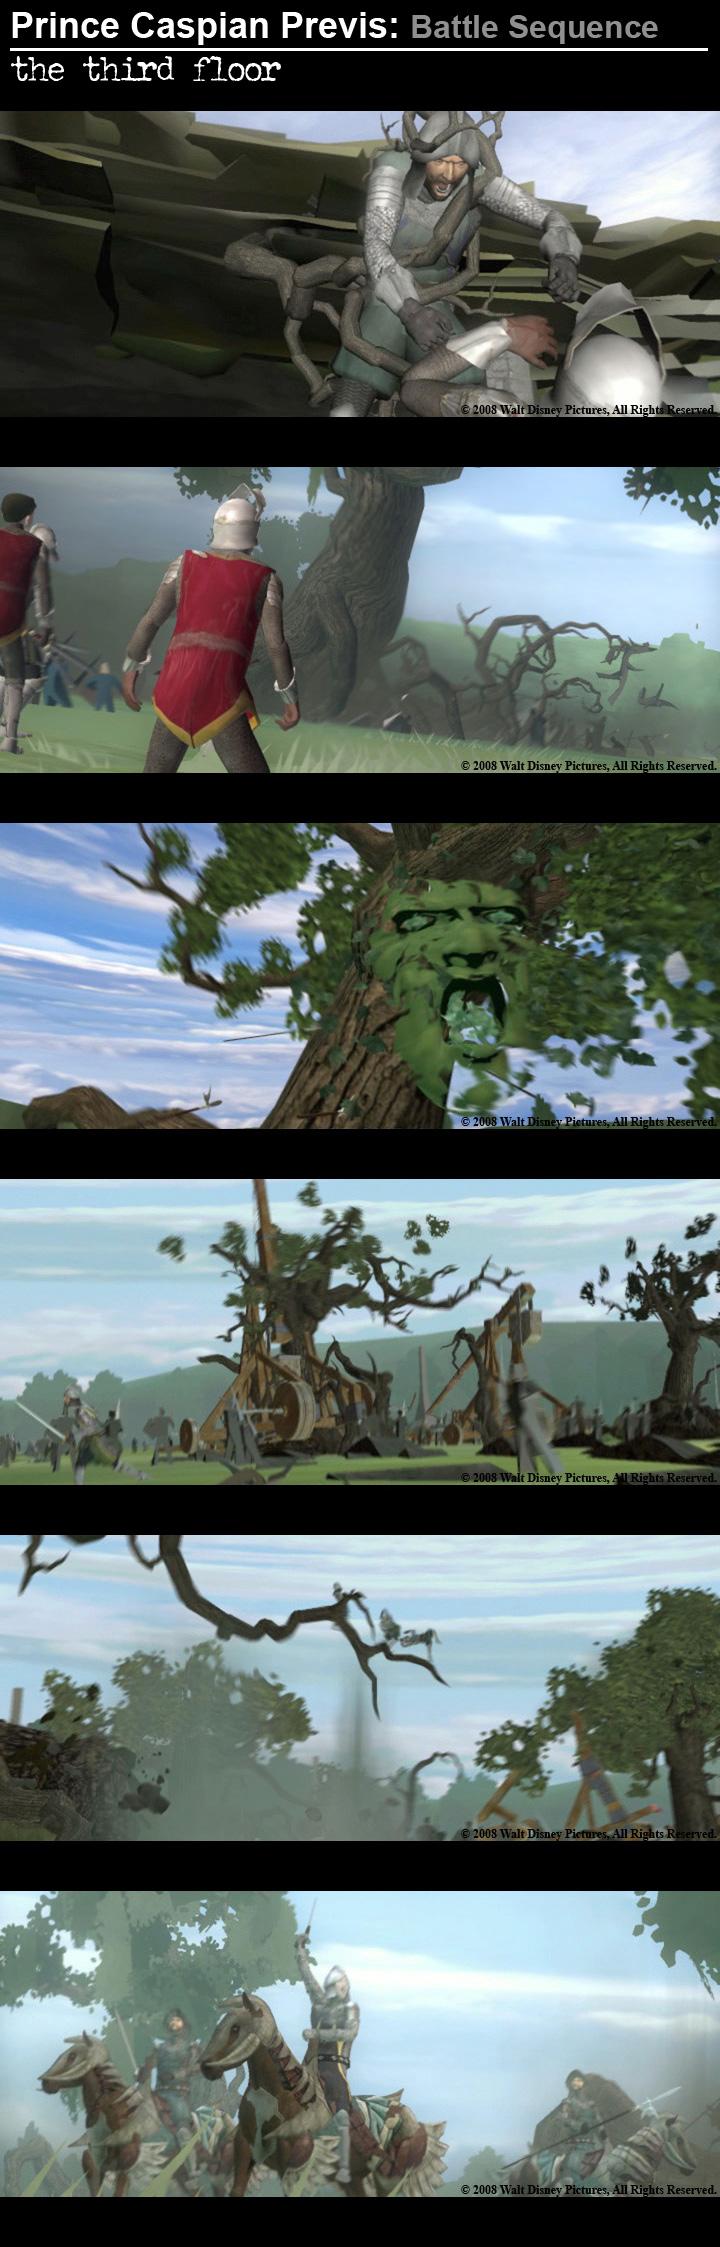 TTF_Battle_Sequence